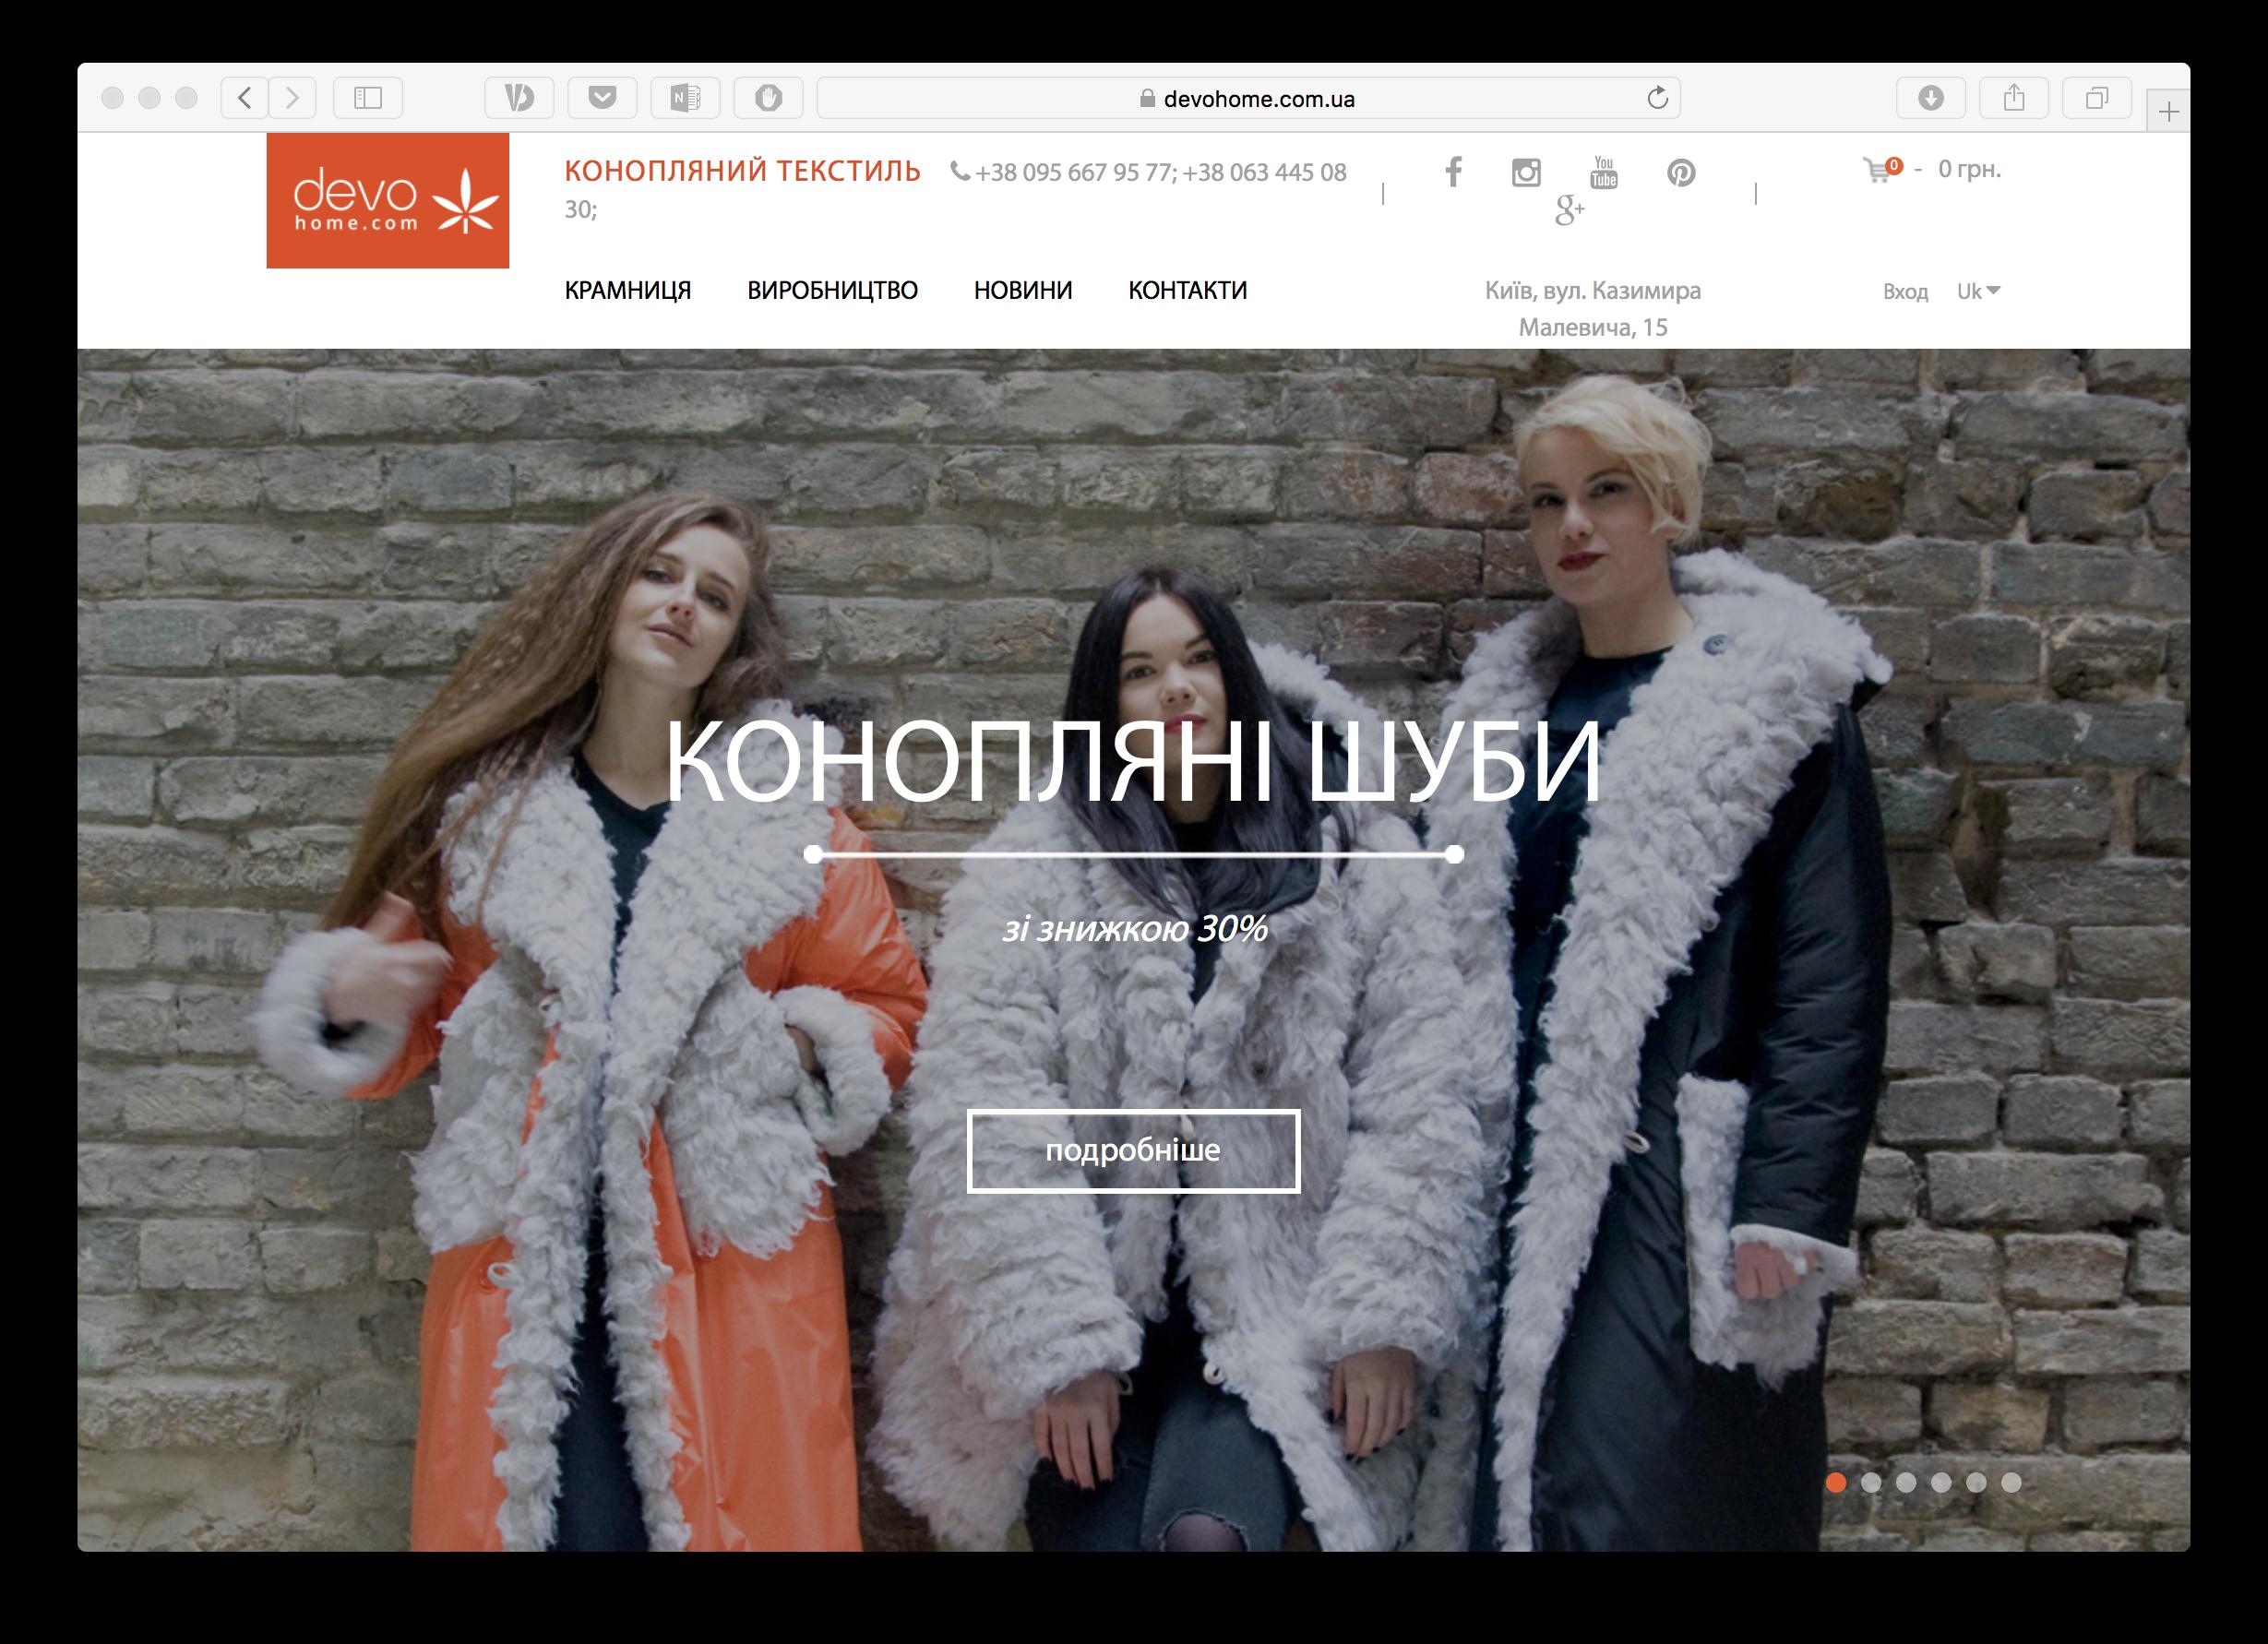 Оксана Дево, DevoHome — про те, як побудувати в Україні бізнес на коноплі